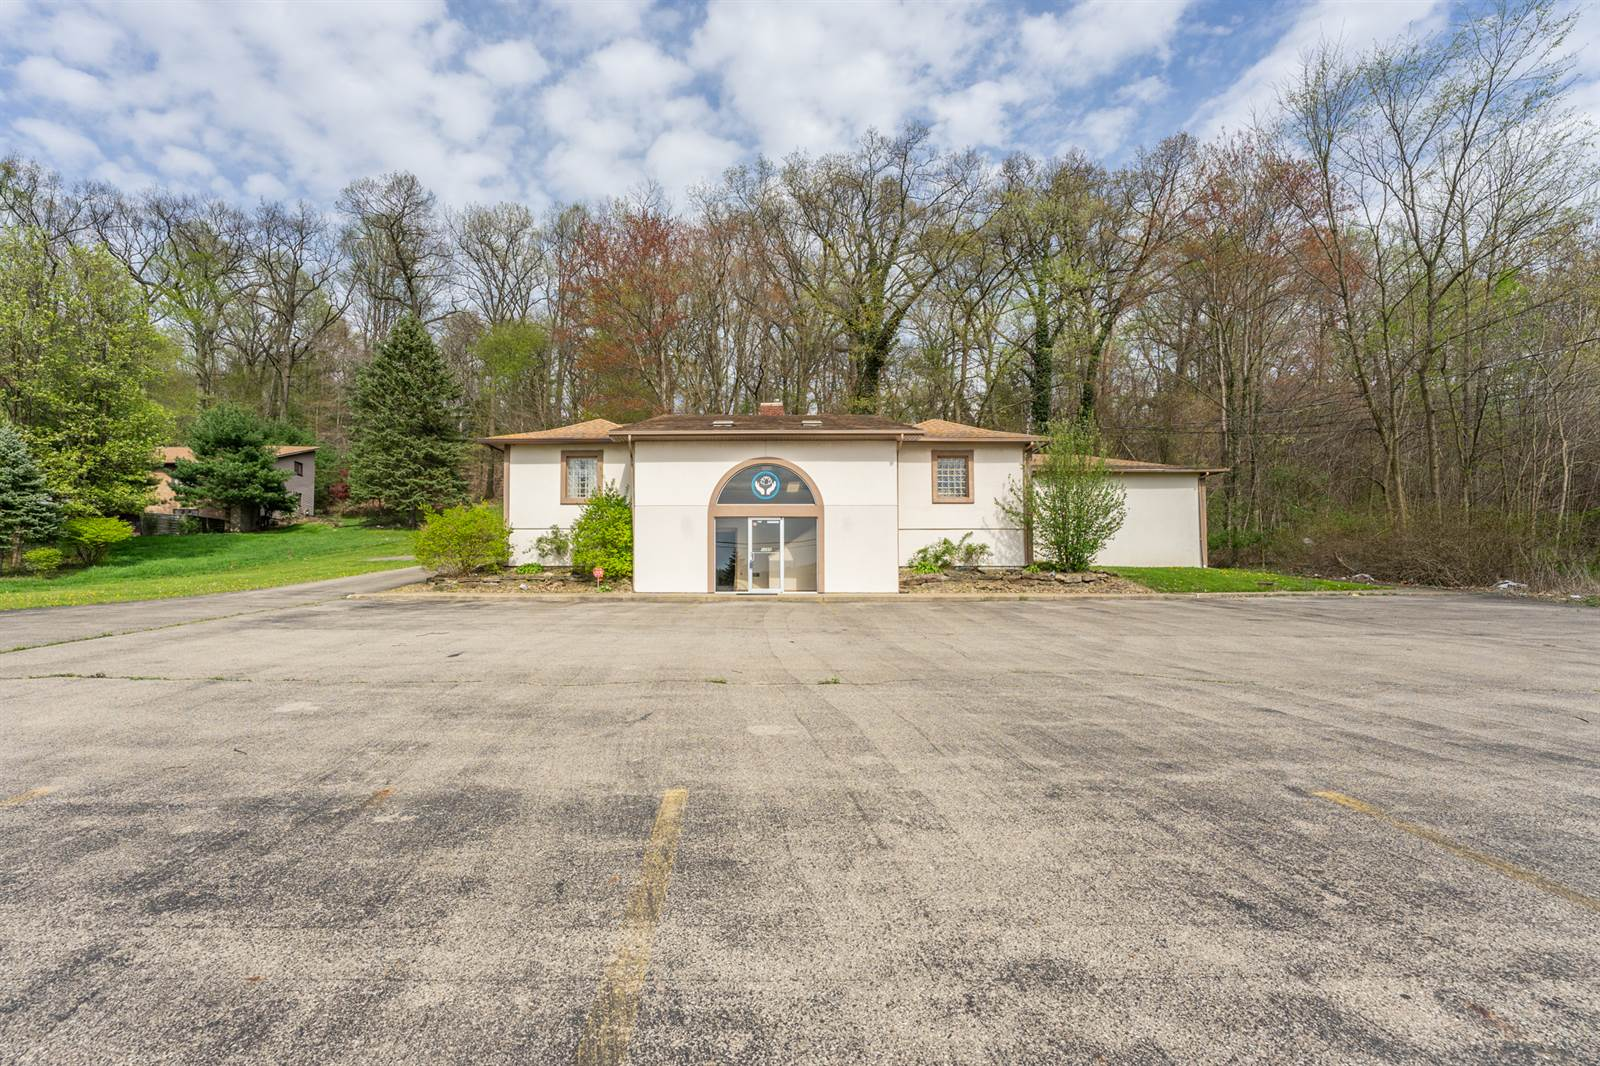 1055 Niles Cortland Rd Southeast, Warren, OH 44484